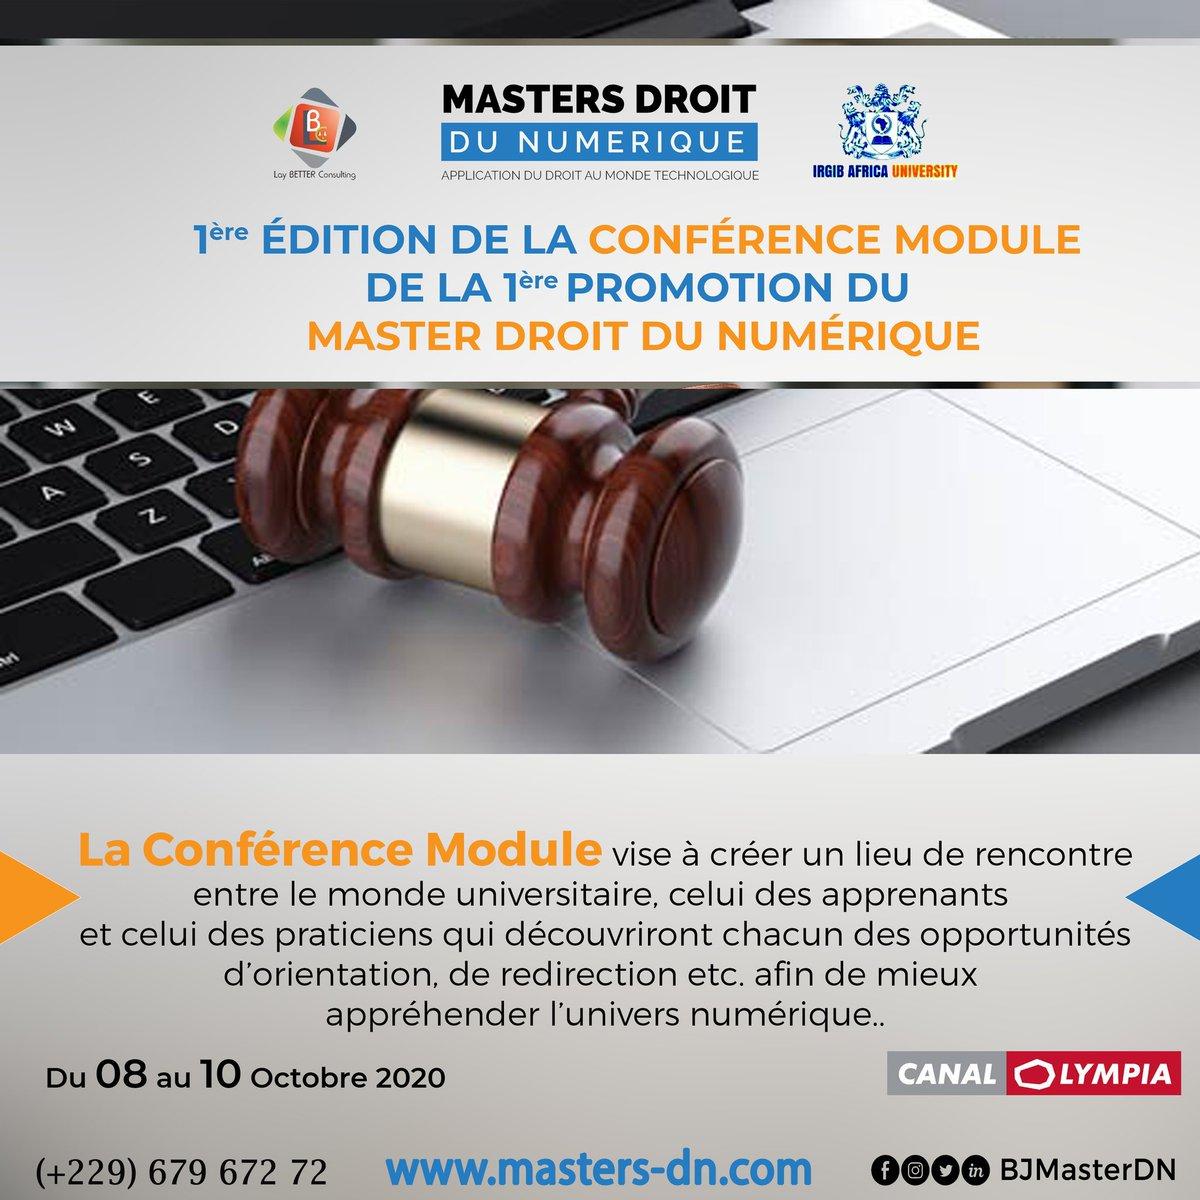 Acteurs du monde du numérique, vous voulez en savoir plus sur les questions de Droit du Numerique?  La conférence des auditeurs est le lieu pour vous !   Joignez-vous à nous !  #droit #numerique #droitnumérique #benin #TT229 https://t.co/396JmqYoFm